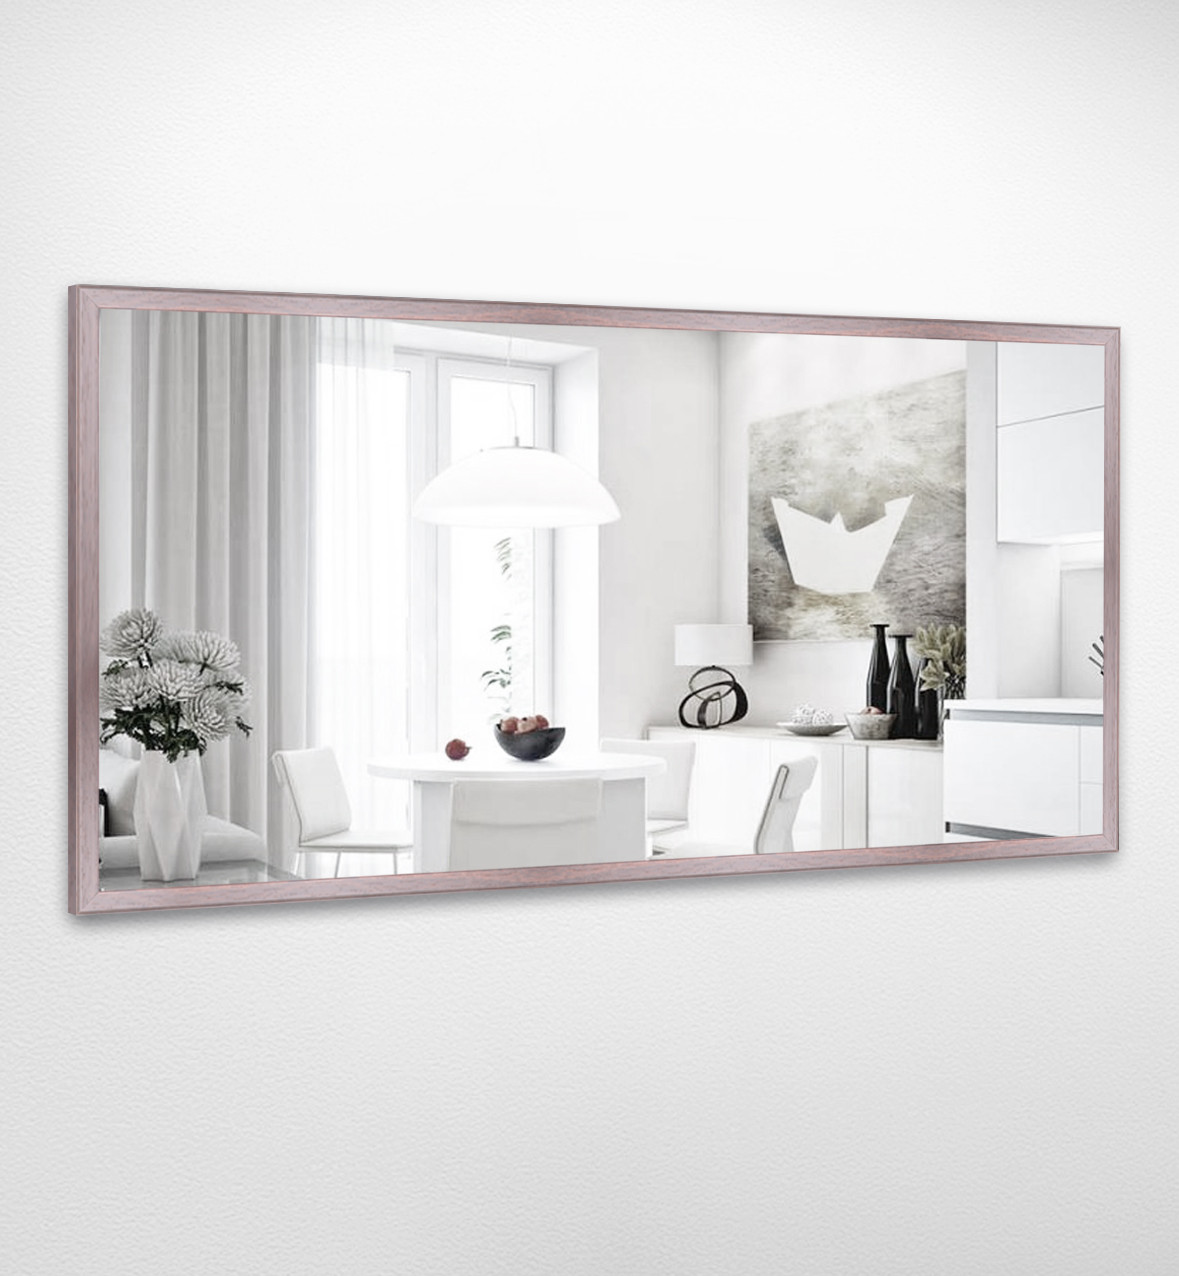 Настенное зеркало БЦ Стол Адель прямоугольное B14 дерево орех